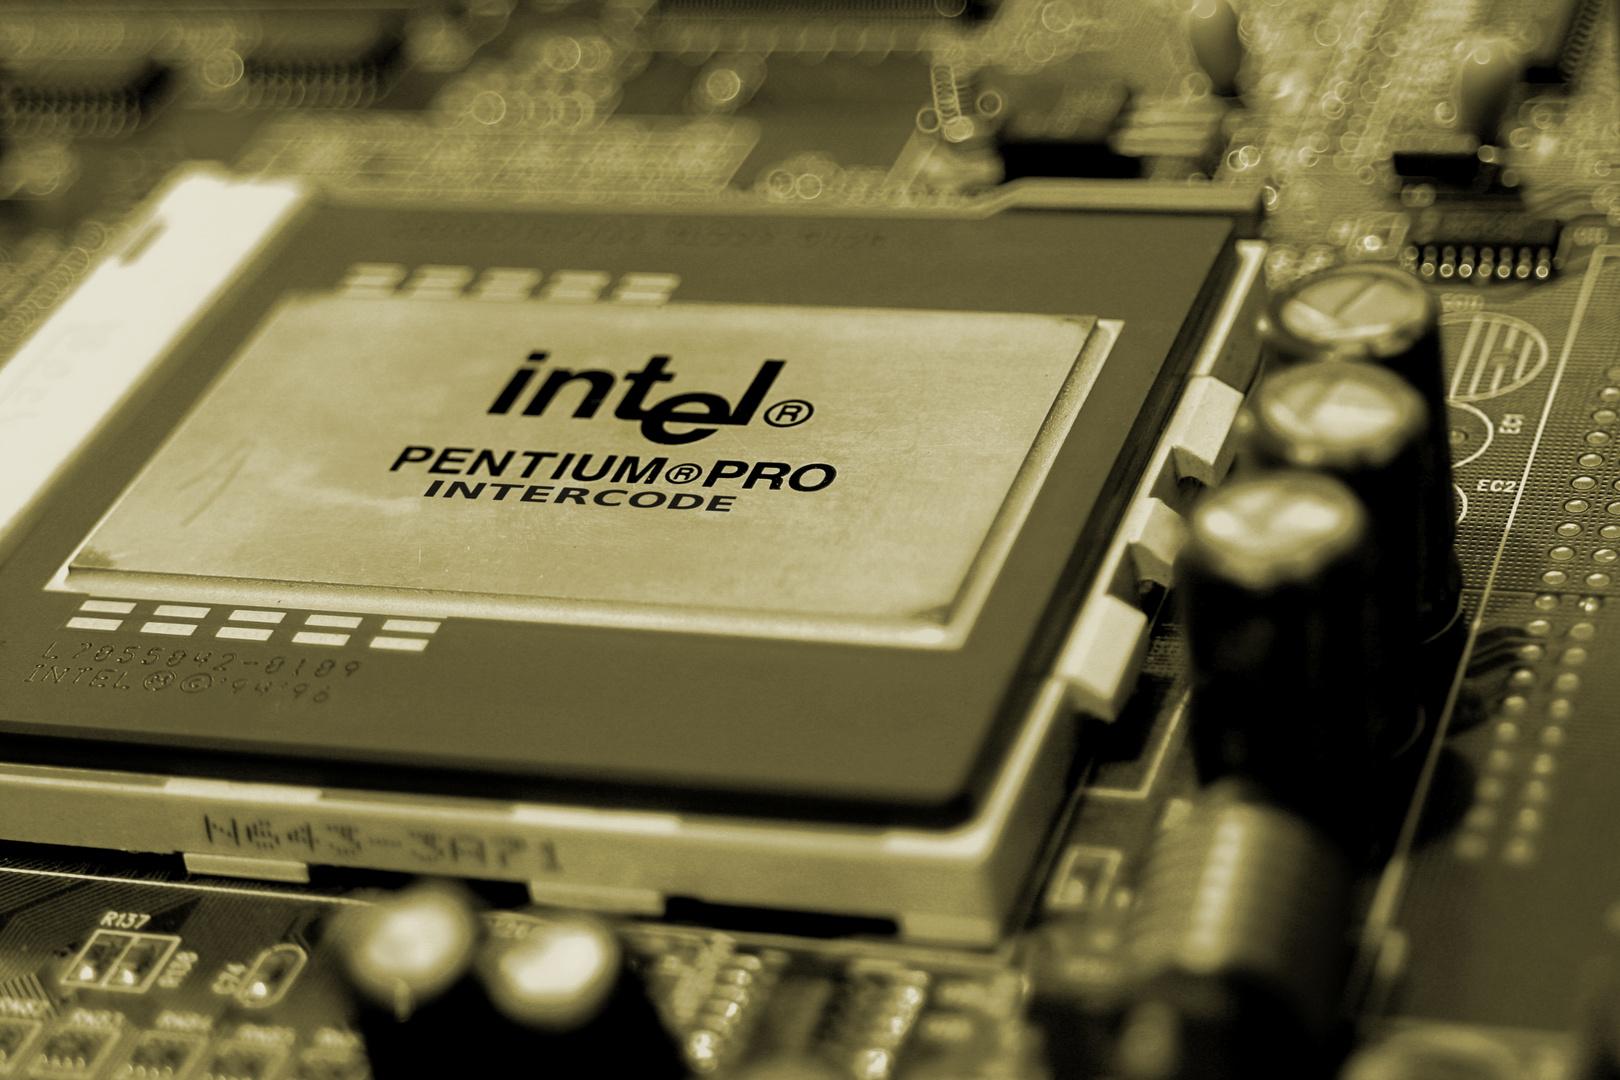 Der alte Pentium Pro